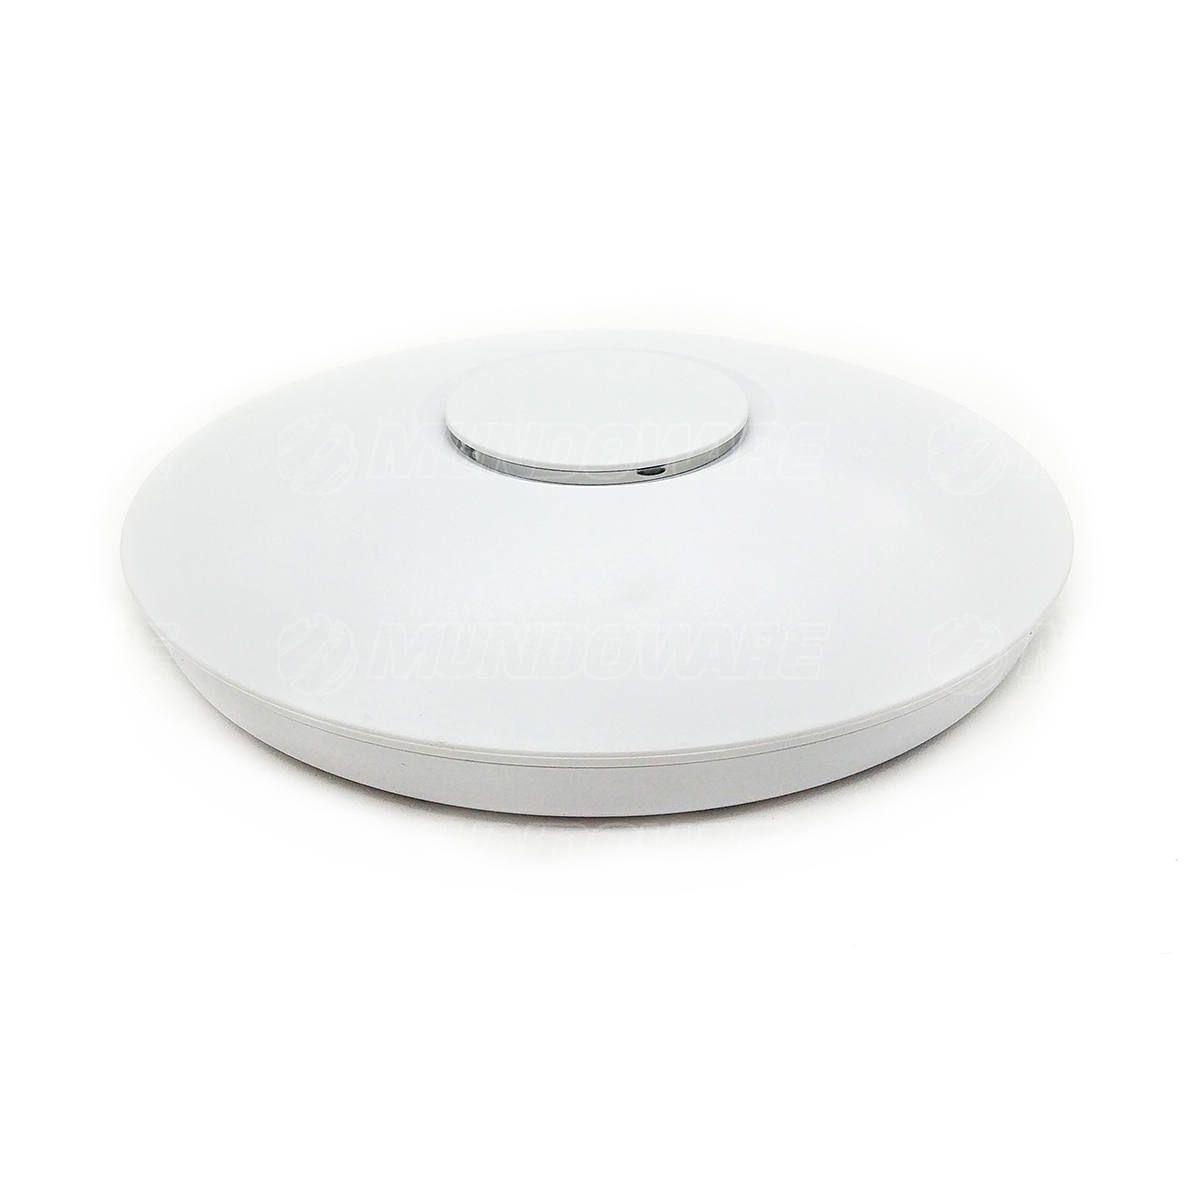 Access Point de Teto AP Corporativo WIFI Repetidor POE Passivo 300Mbps Wireless LV-CWR01